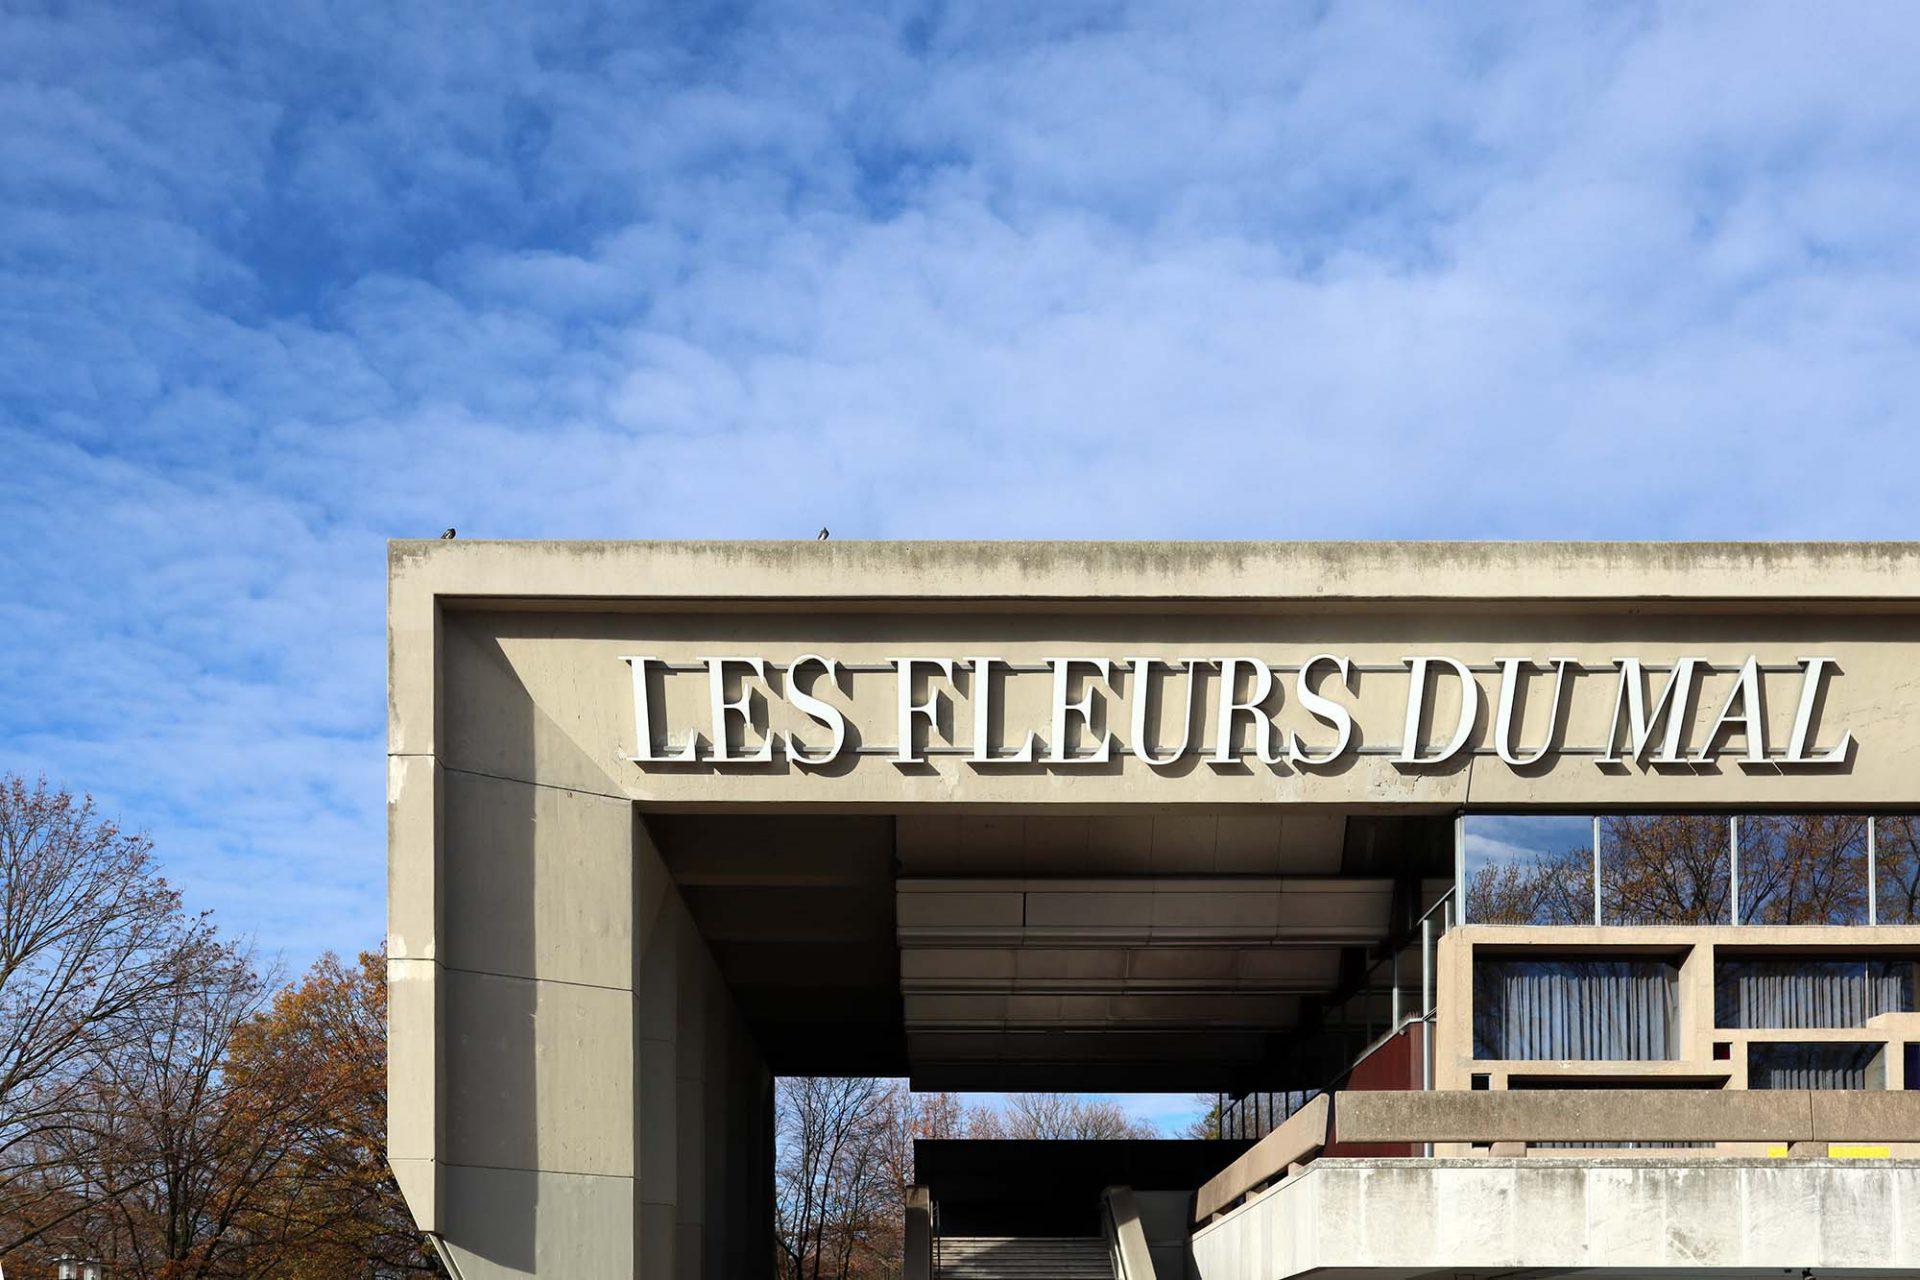 Skulpturenmuseum Glaskasten. Das Skulpturenmuseum Glaskasten wurde 1982 unter dem 60 Meter langen Sitzungstrakt des Rathauses (Fertigstellung 1967) der niederländischen Architekten Johan Hendrik van den Broek und Jacob Berend Bakema eröffnet.